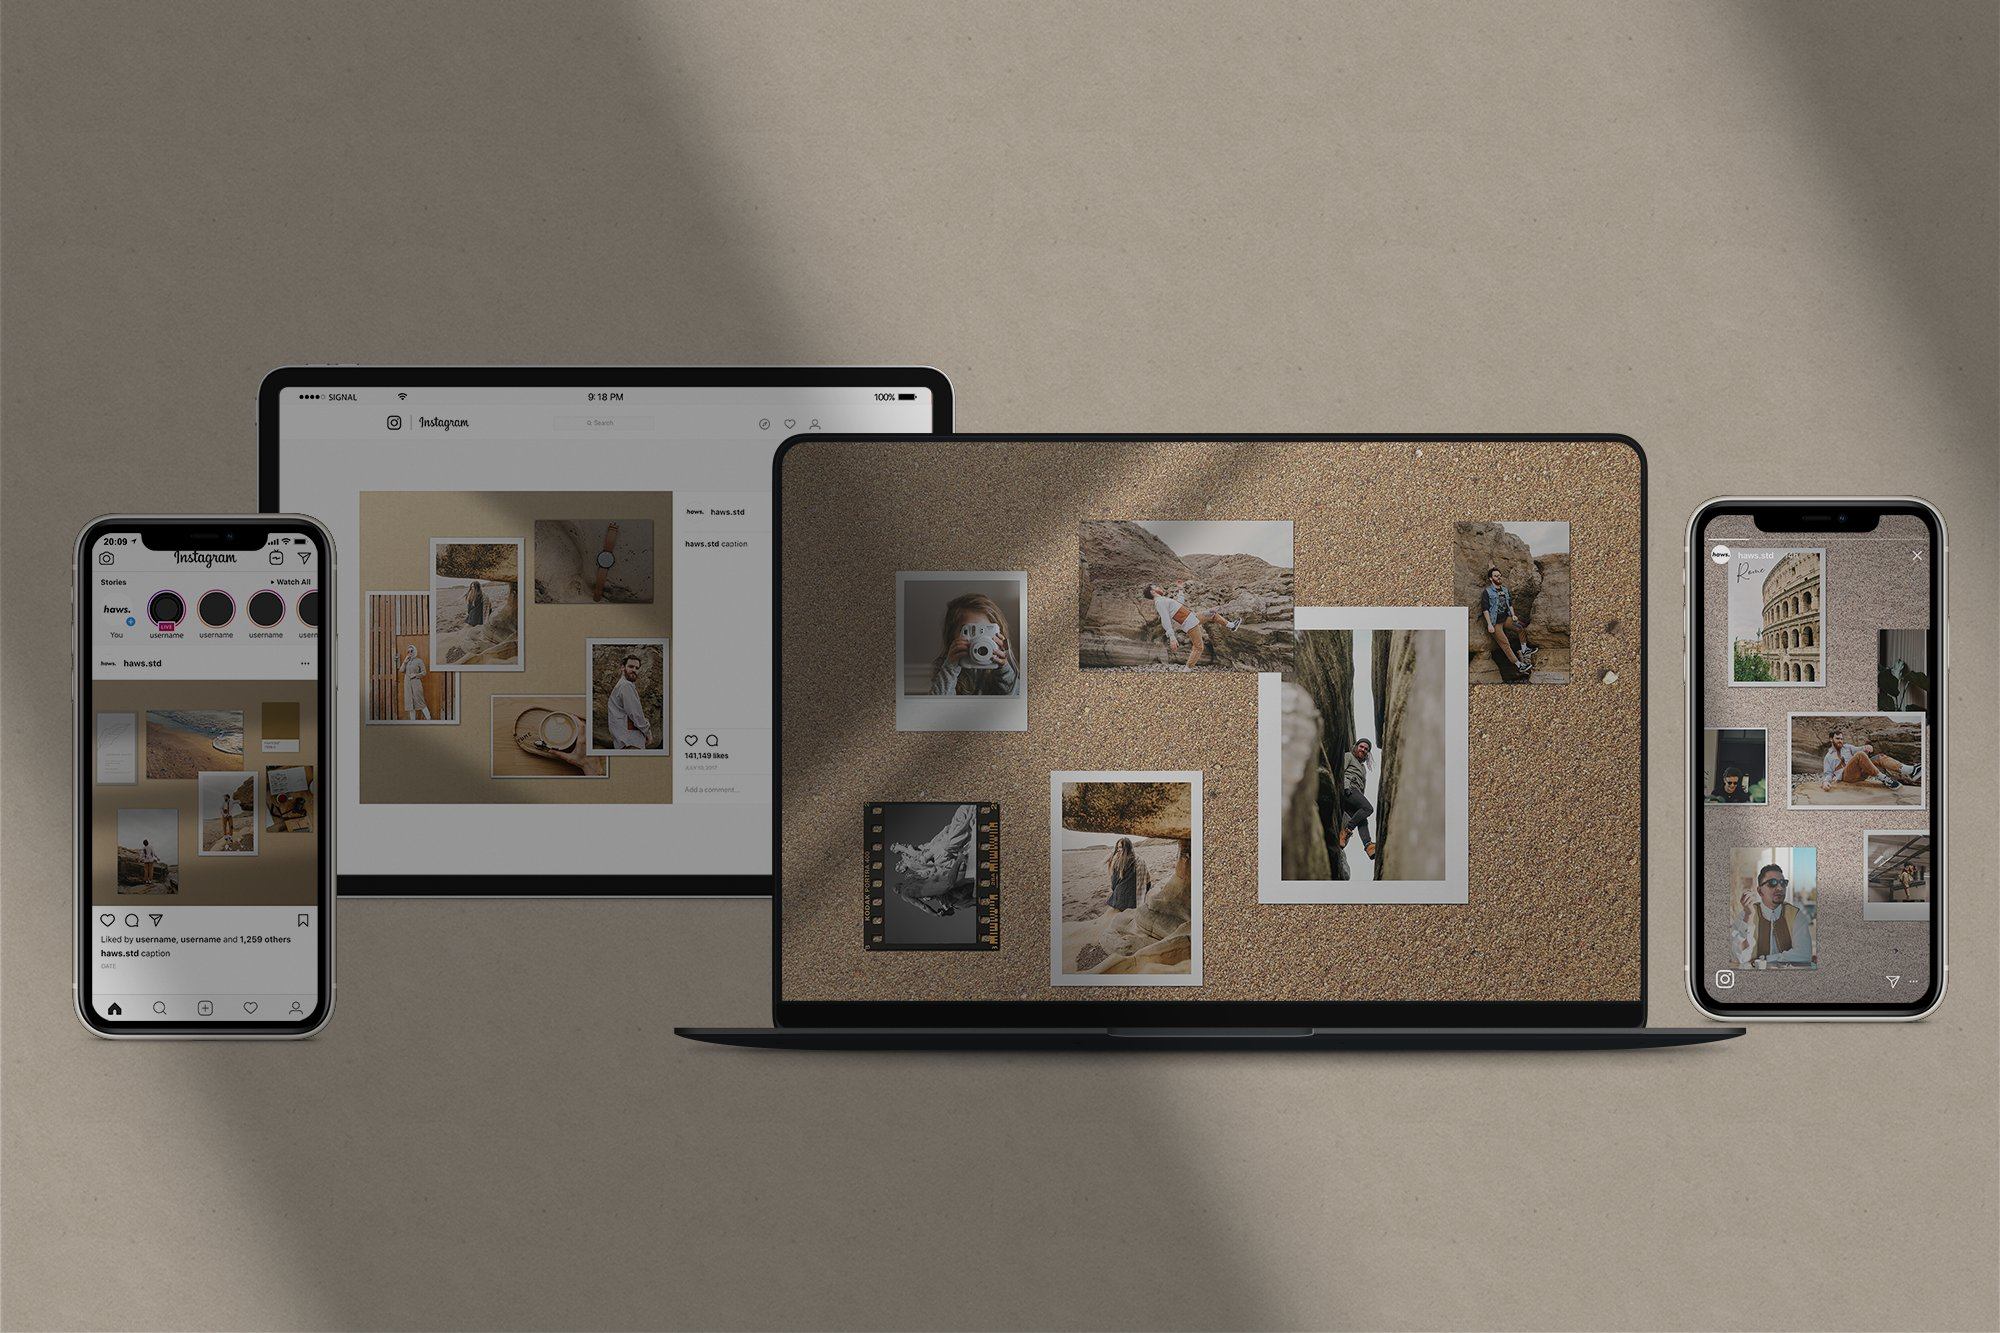 时尚优雅剪贴相片情绪版卡片设计展示智能贴图样机PSD模板 Moodboard Mockup Kit插图(1)